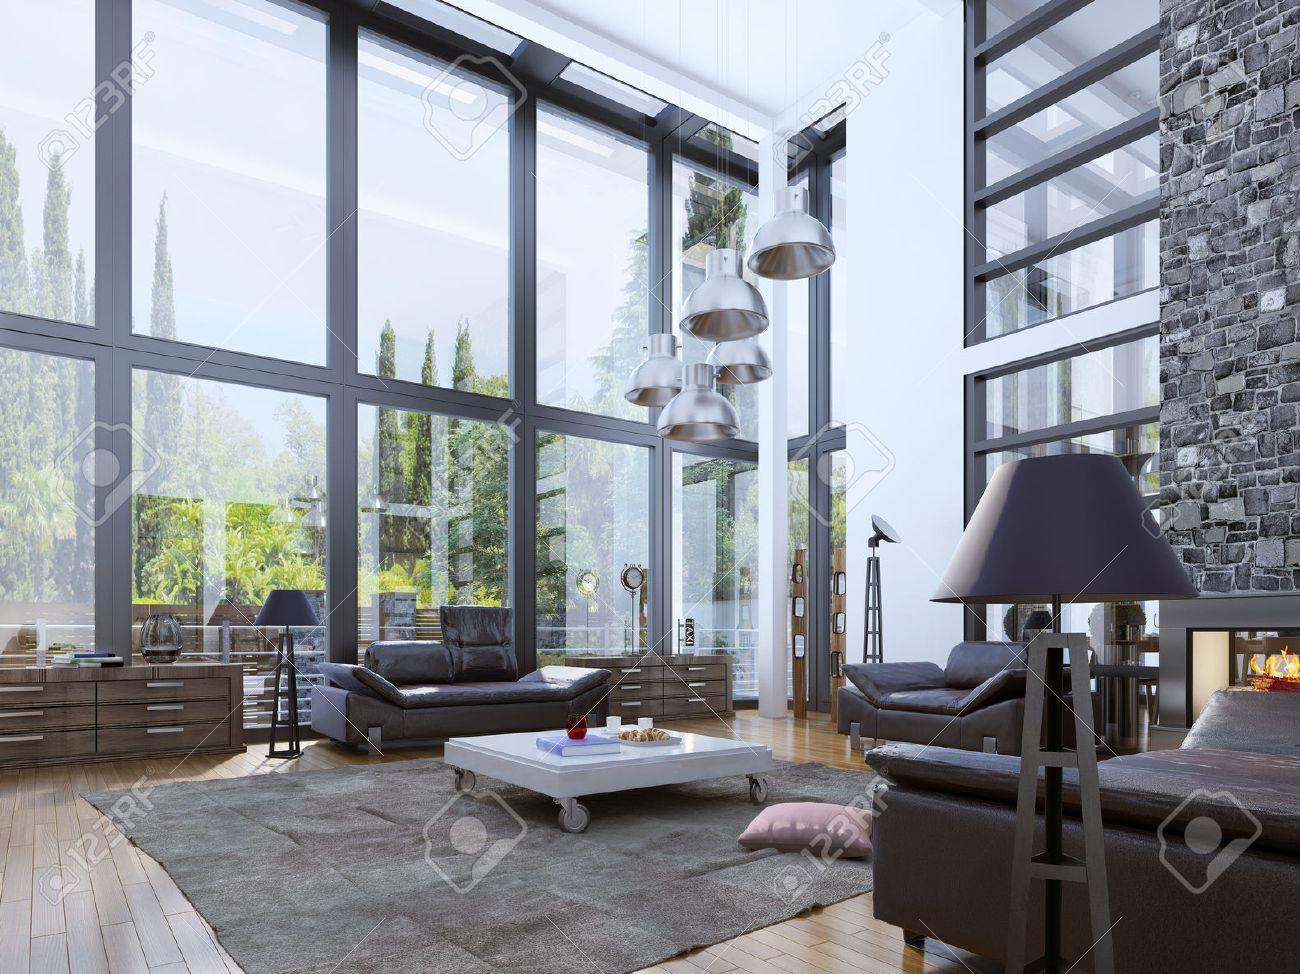 zweistöckiges modernes wohnzimmer mit panoramafenstern. einheit